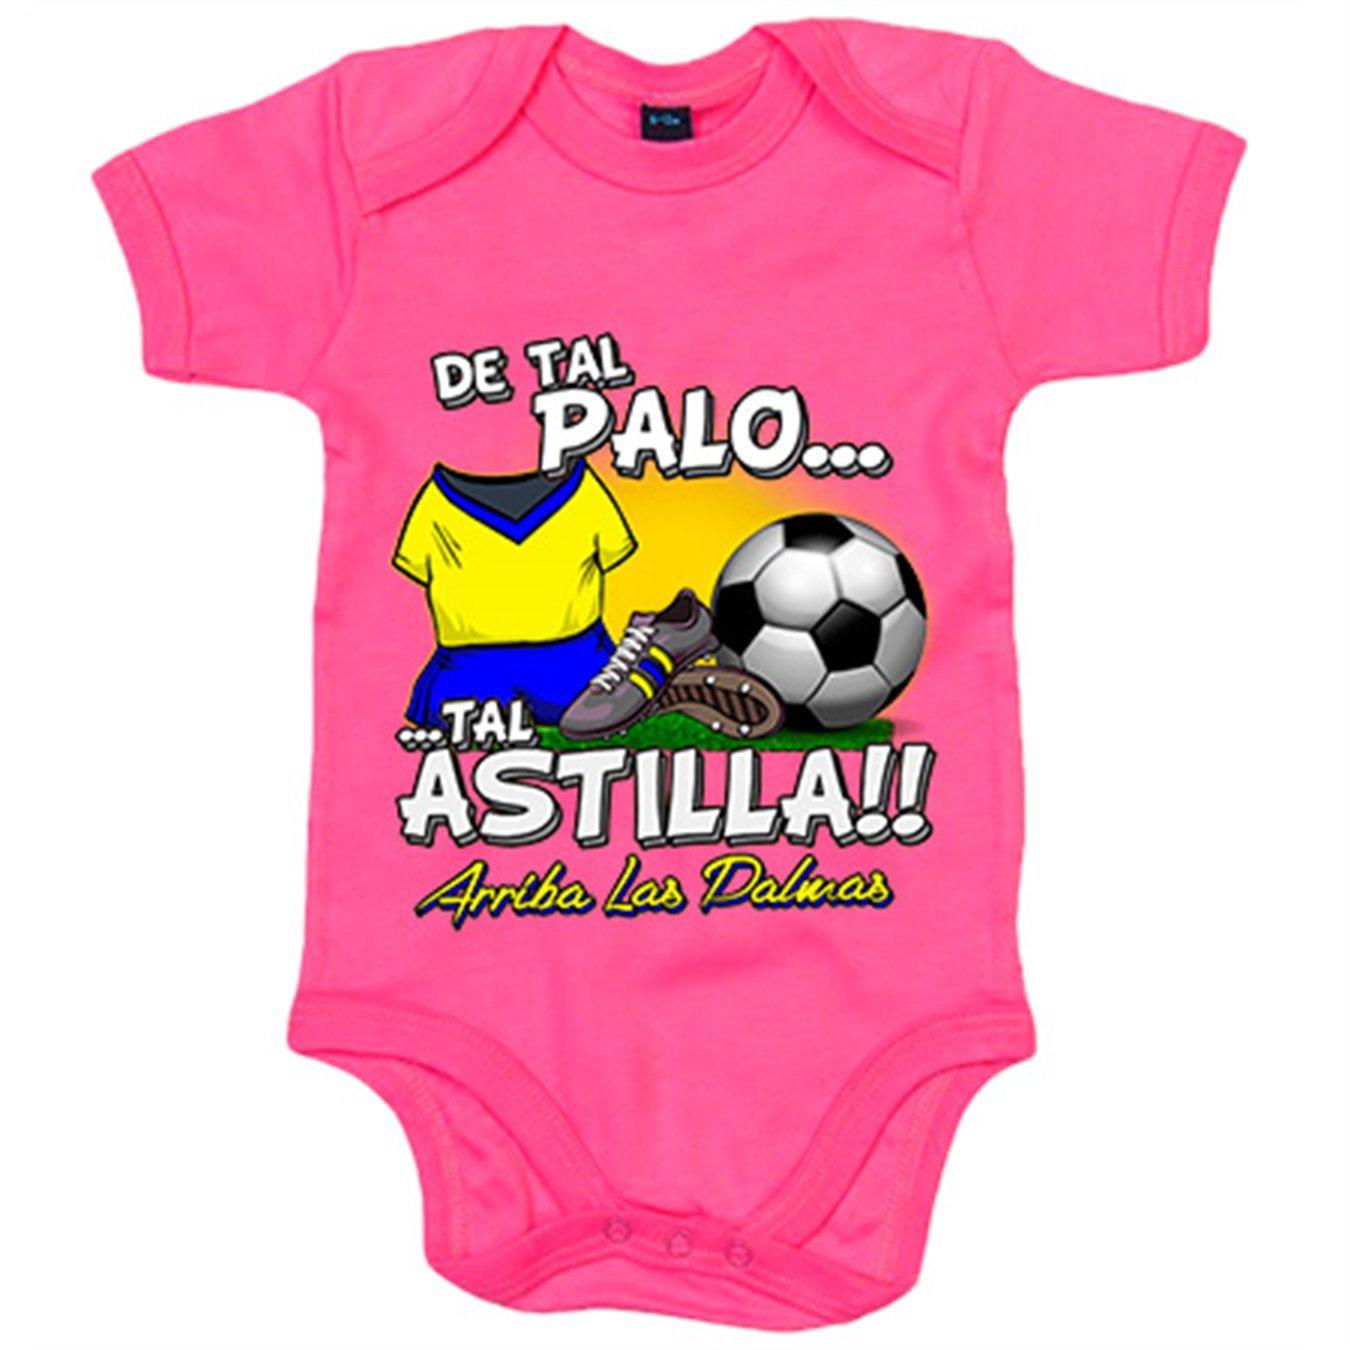 Body bebé De tal palo tal astilla Las Palmas fútbol - Amarillo, 6-12 meses: Amazon.es: Bebé